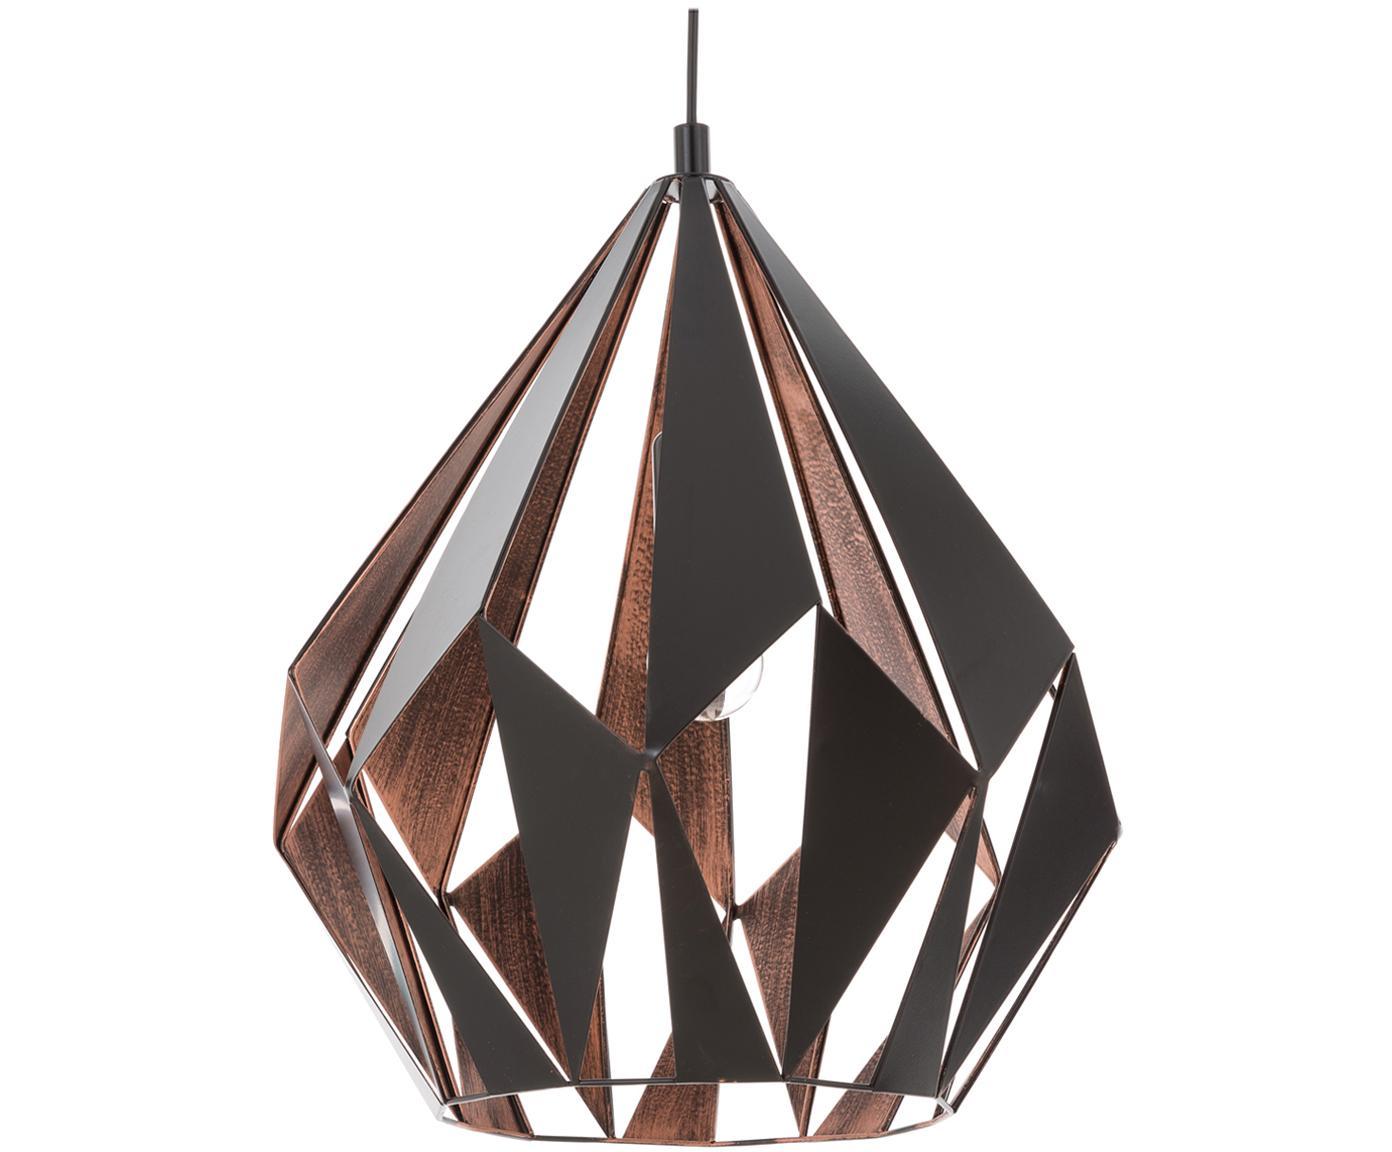 Lampada a sospensione stile nordico Carlton, Acciaio verniciato, Nero, rame, Ø 39 x Alt. 42 cm